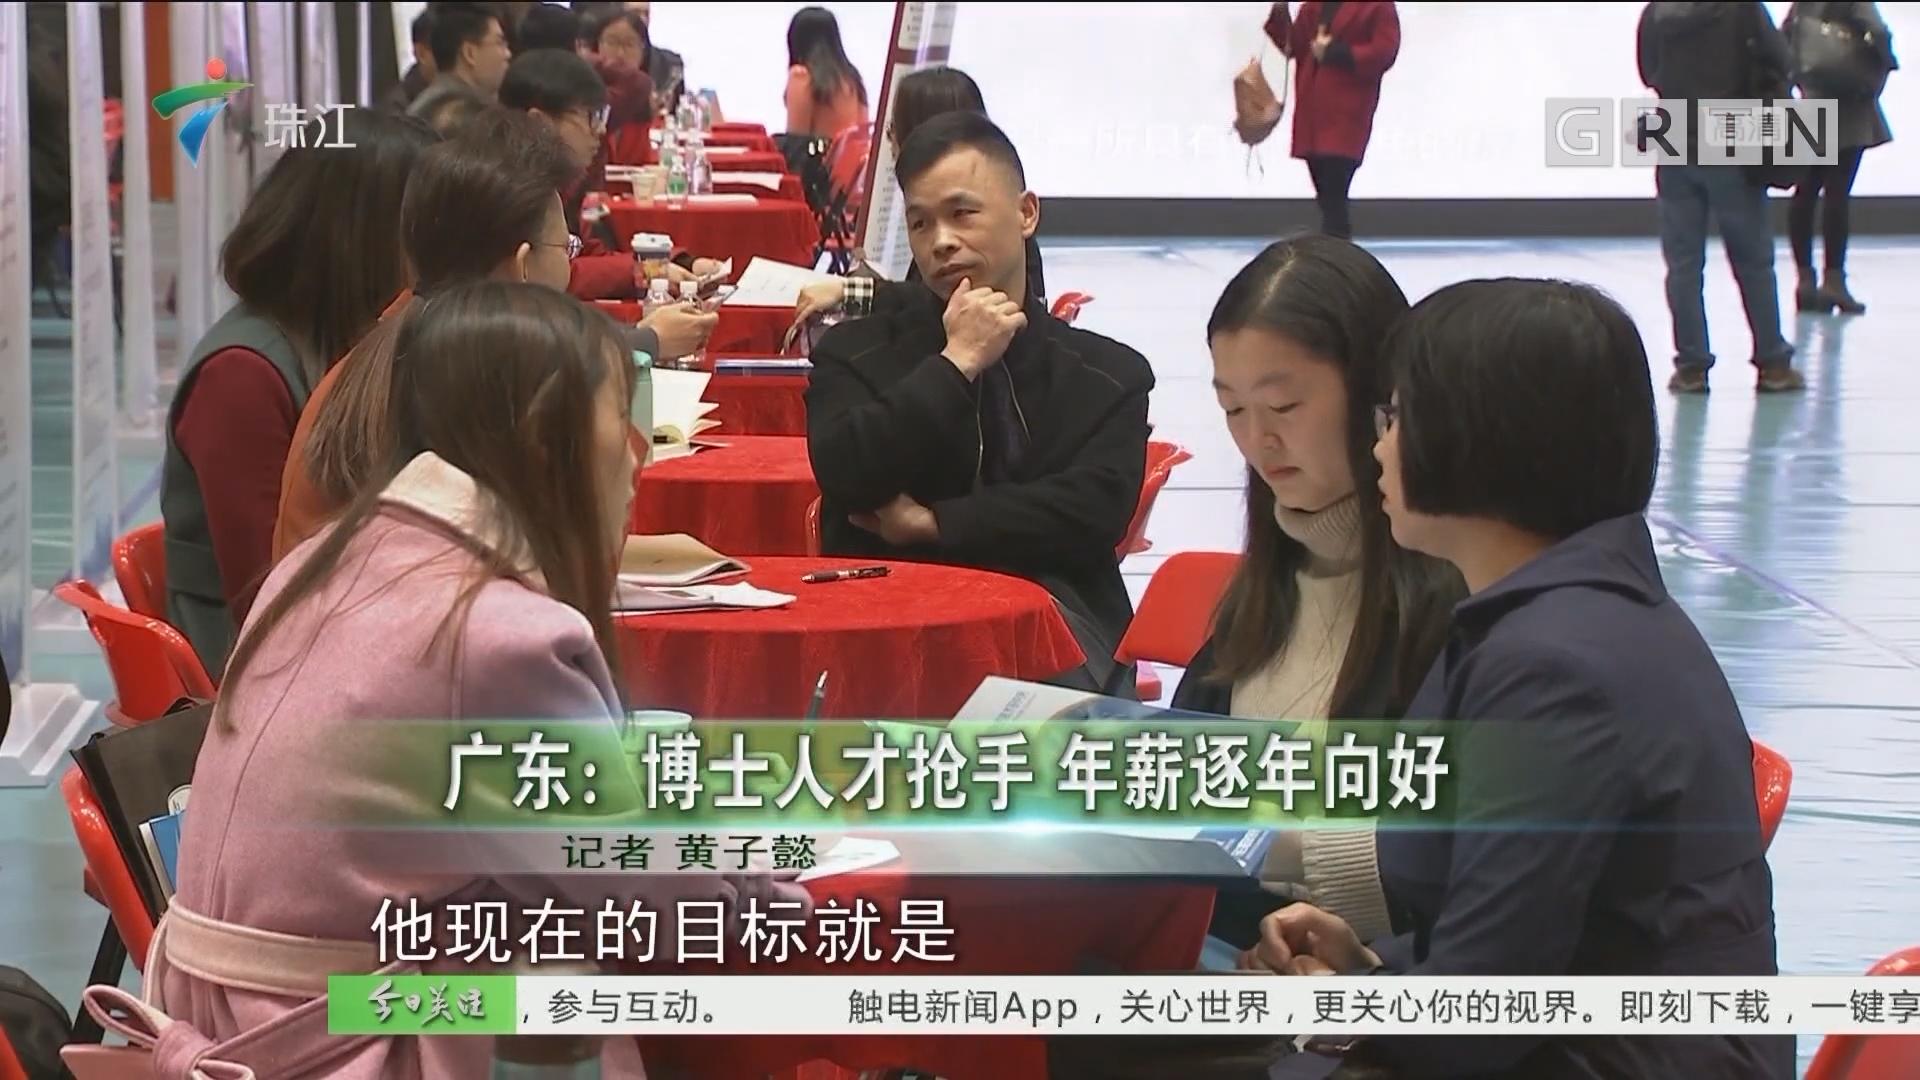 广东:博士人才抢手 年薪逐年向好